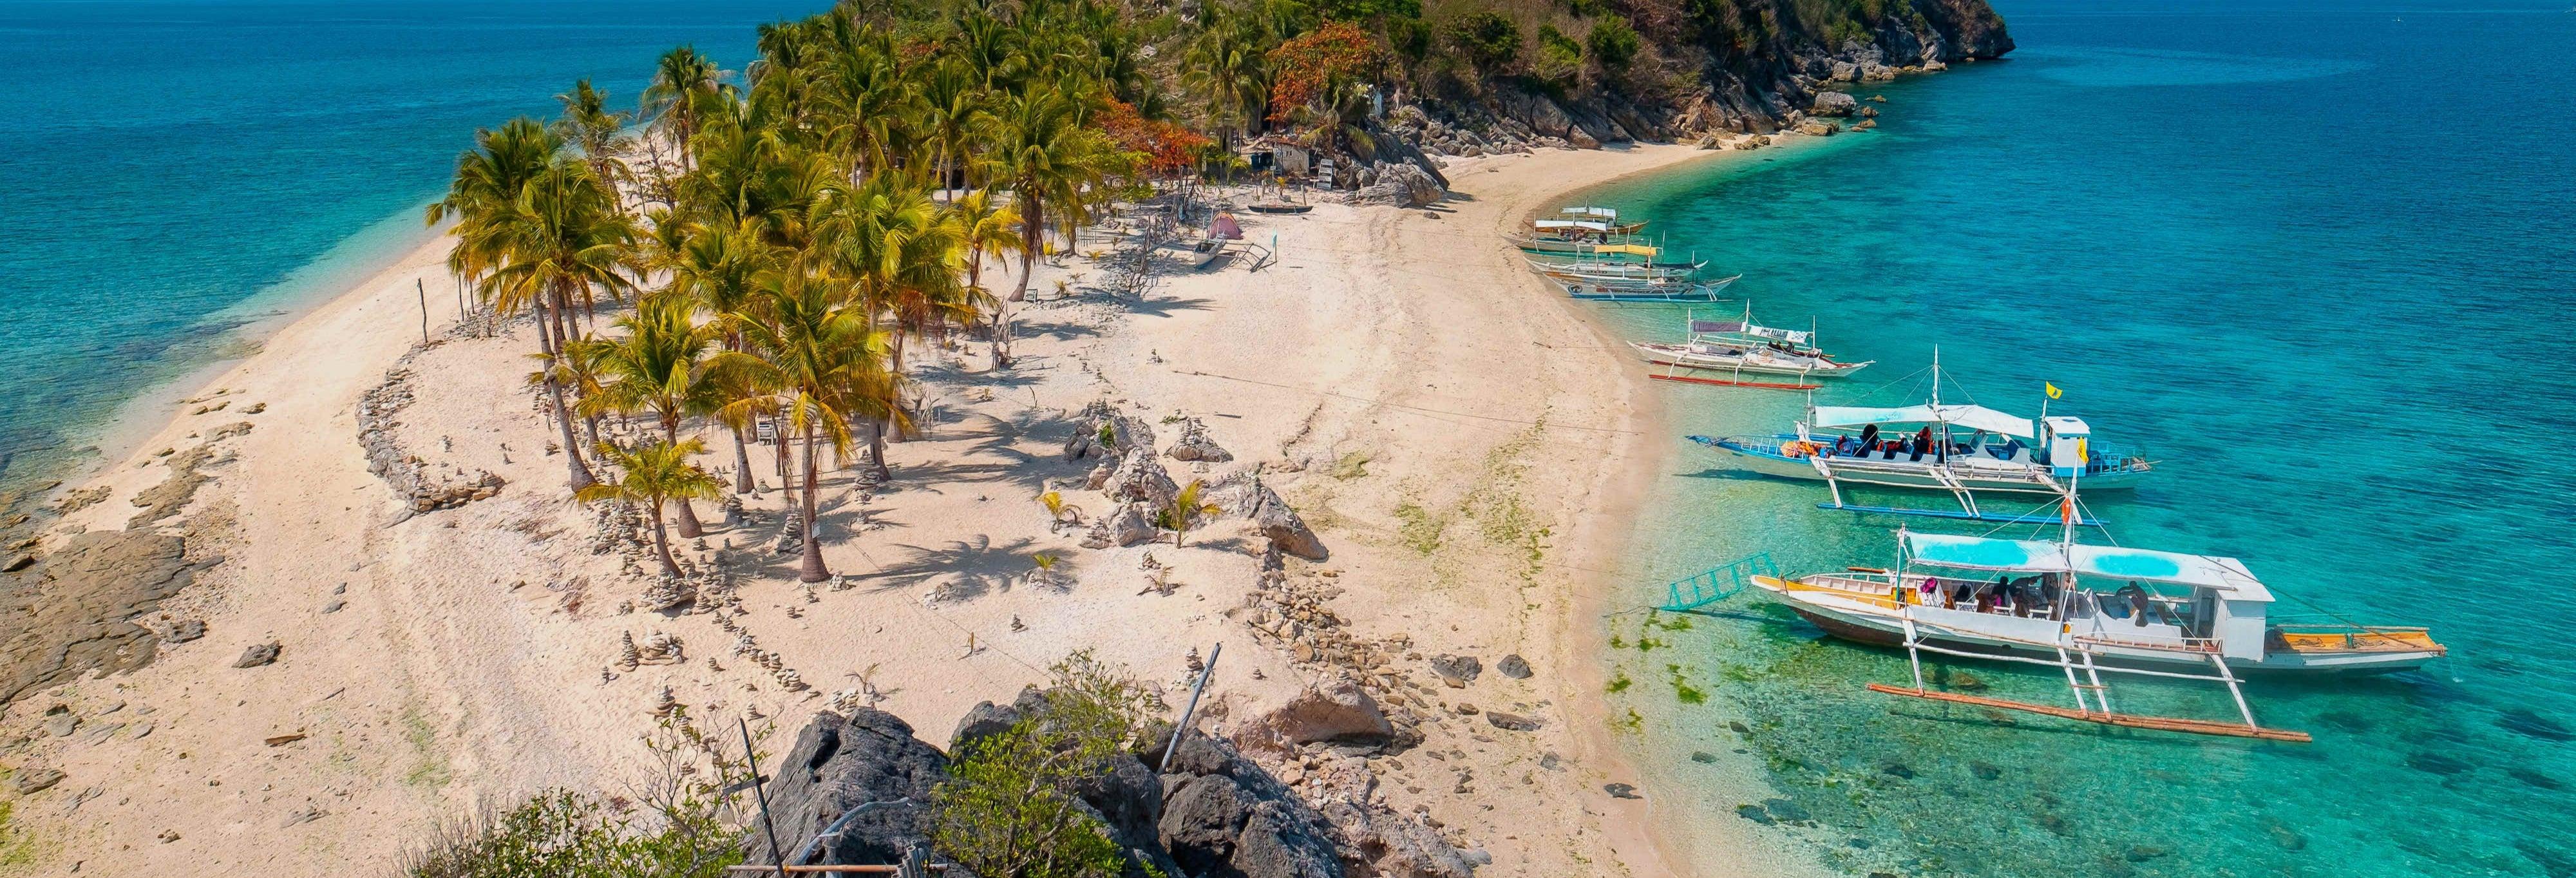 Excursión a las Islas de Gigantes